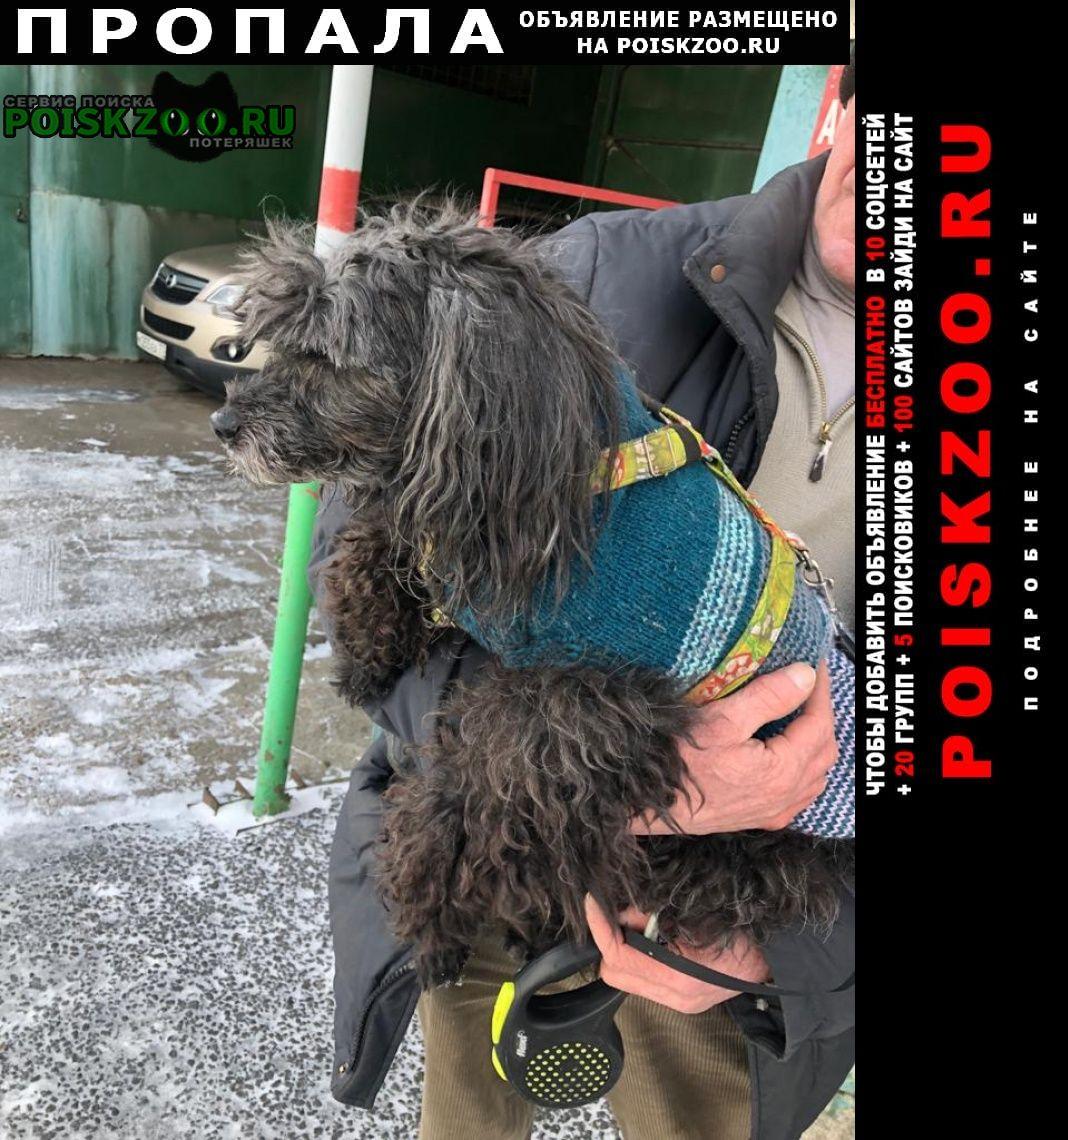 Пропала собака ул. ская, в мгса, рядом с 15-ой бо Реутов